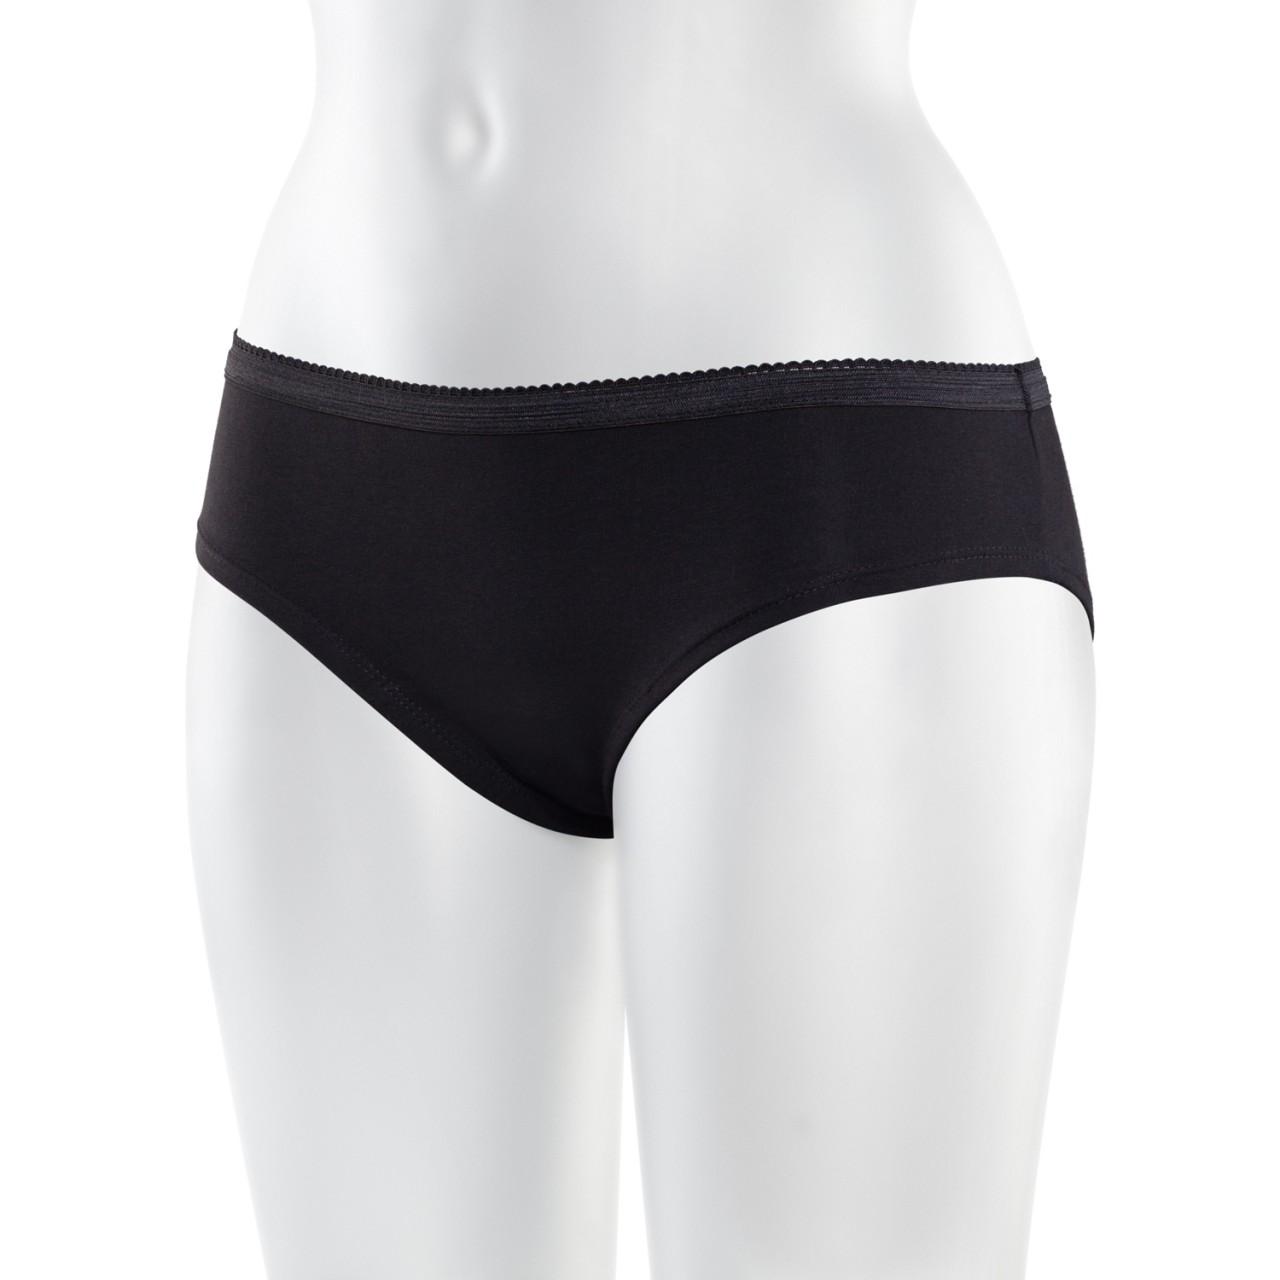 Thokk Thokk Panty Lace Band Black